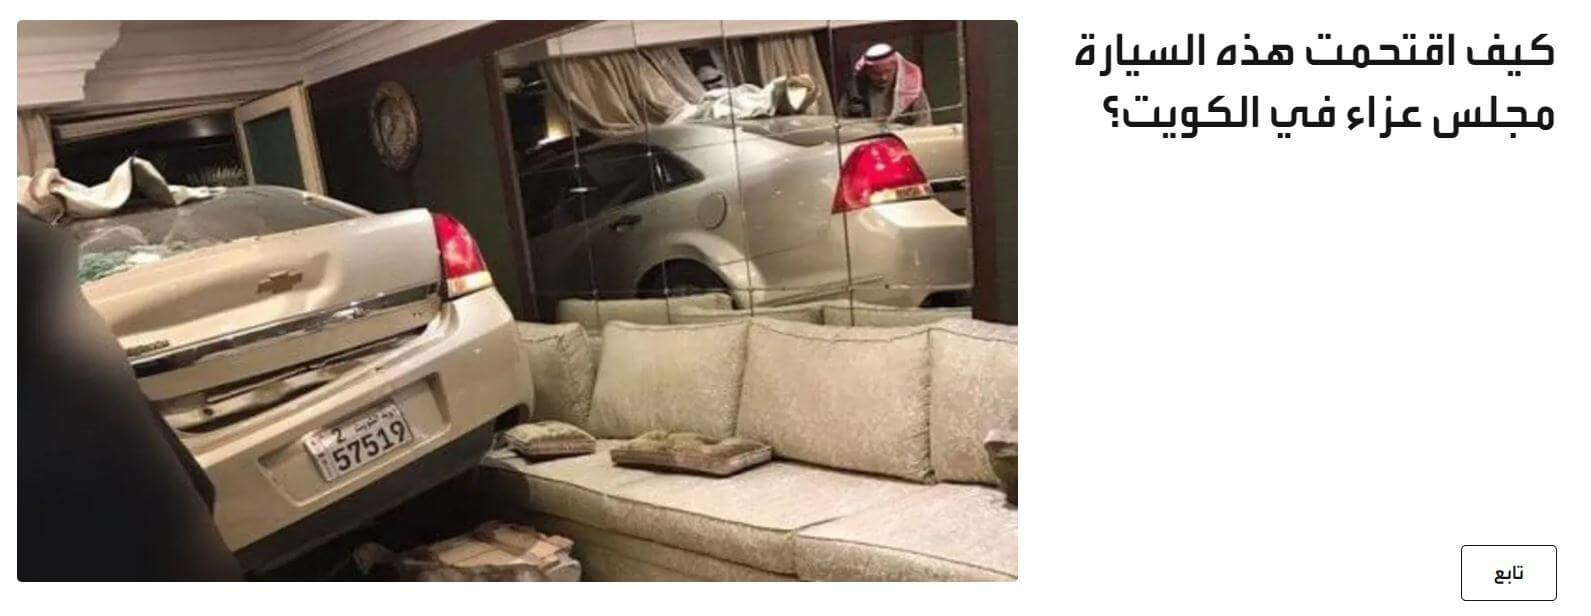 حقيقة اقتحام واحدة كويتية فرح جوزها بالعربية